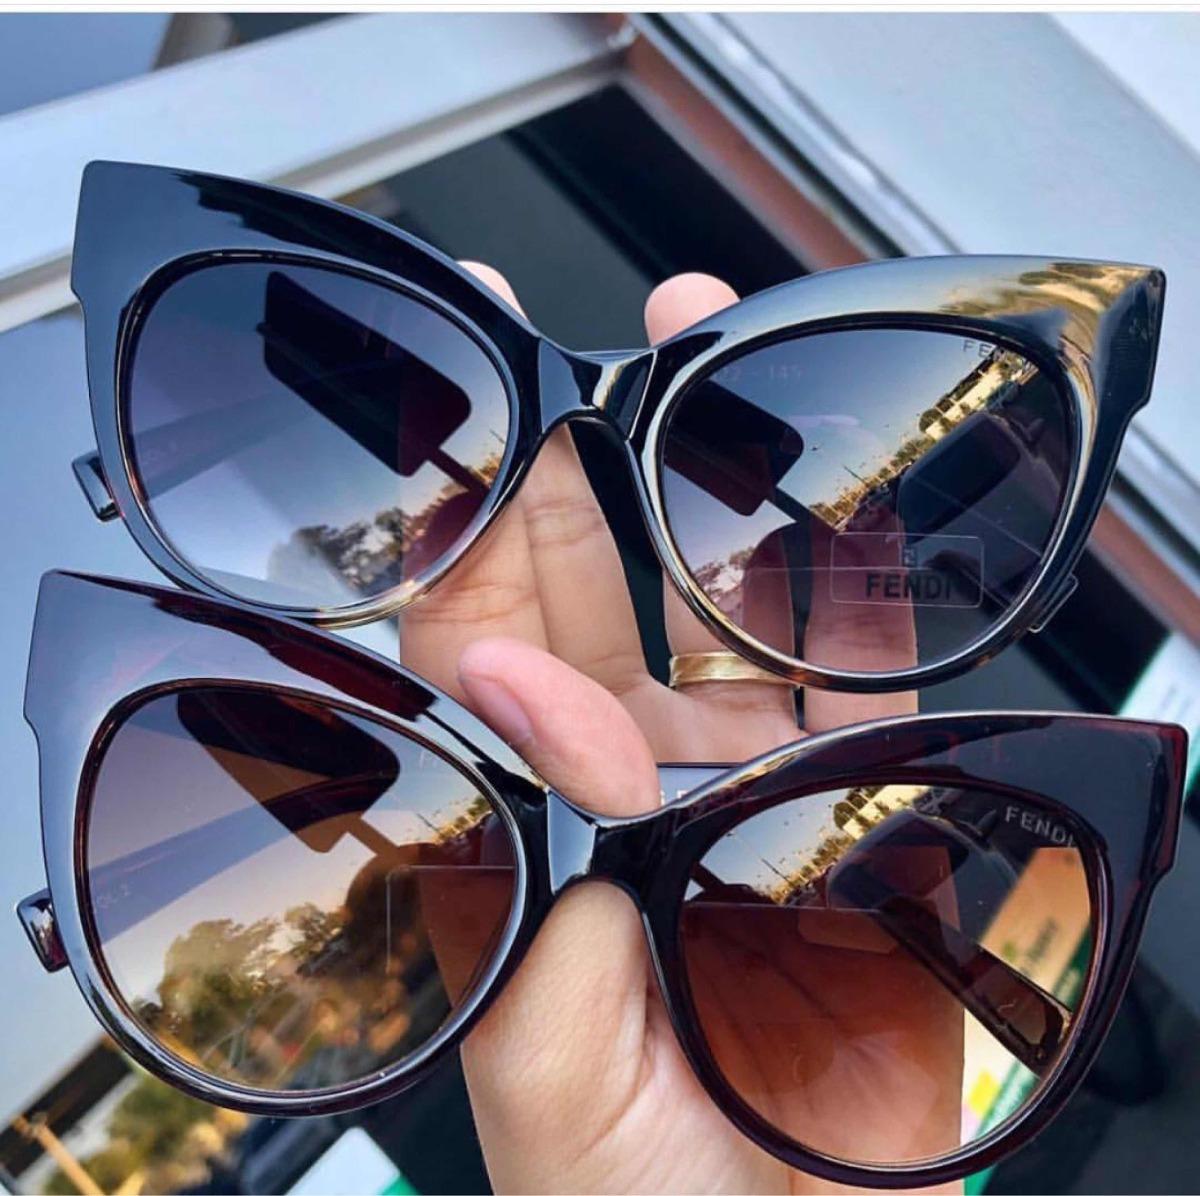 Óculos De Sol - Fendi Gatinho Feminino - R  89,90 em Mercado Livre ccf7639327